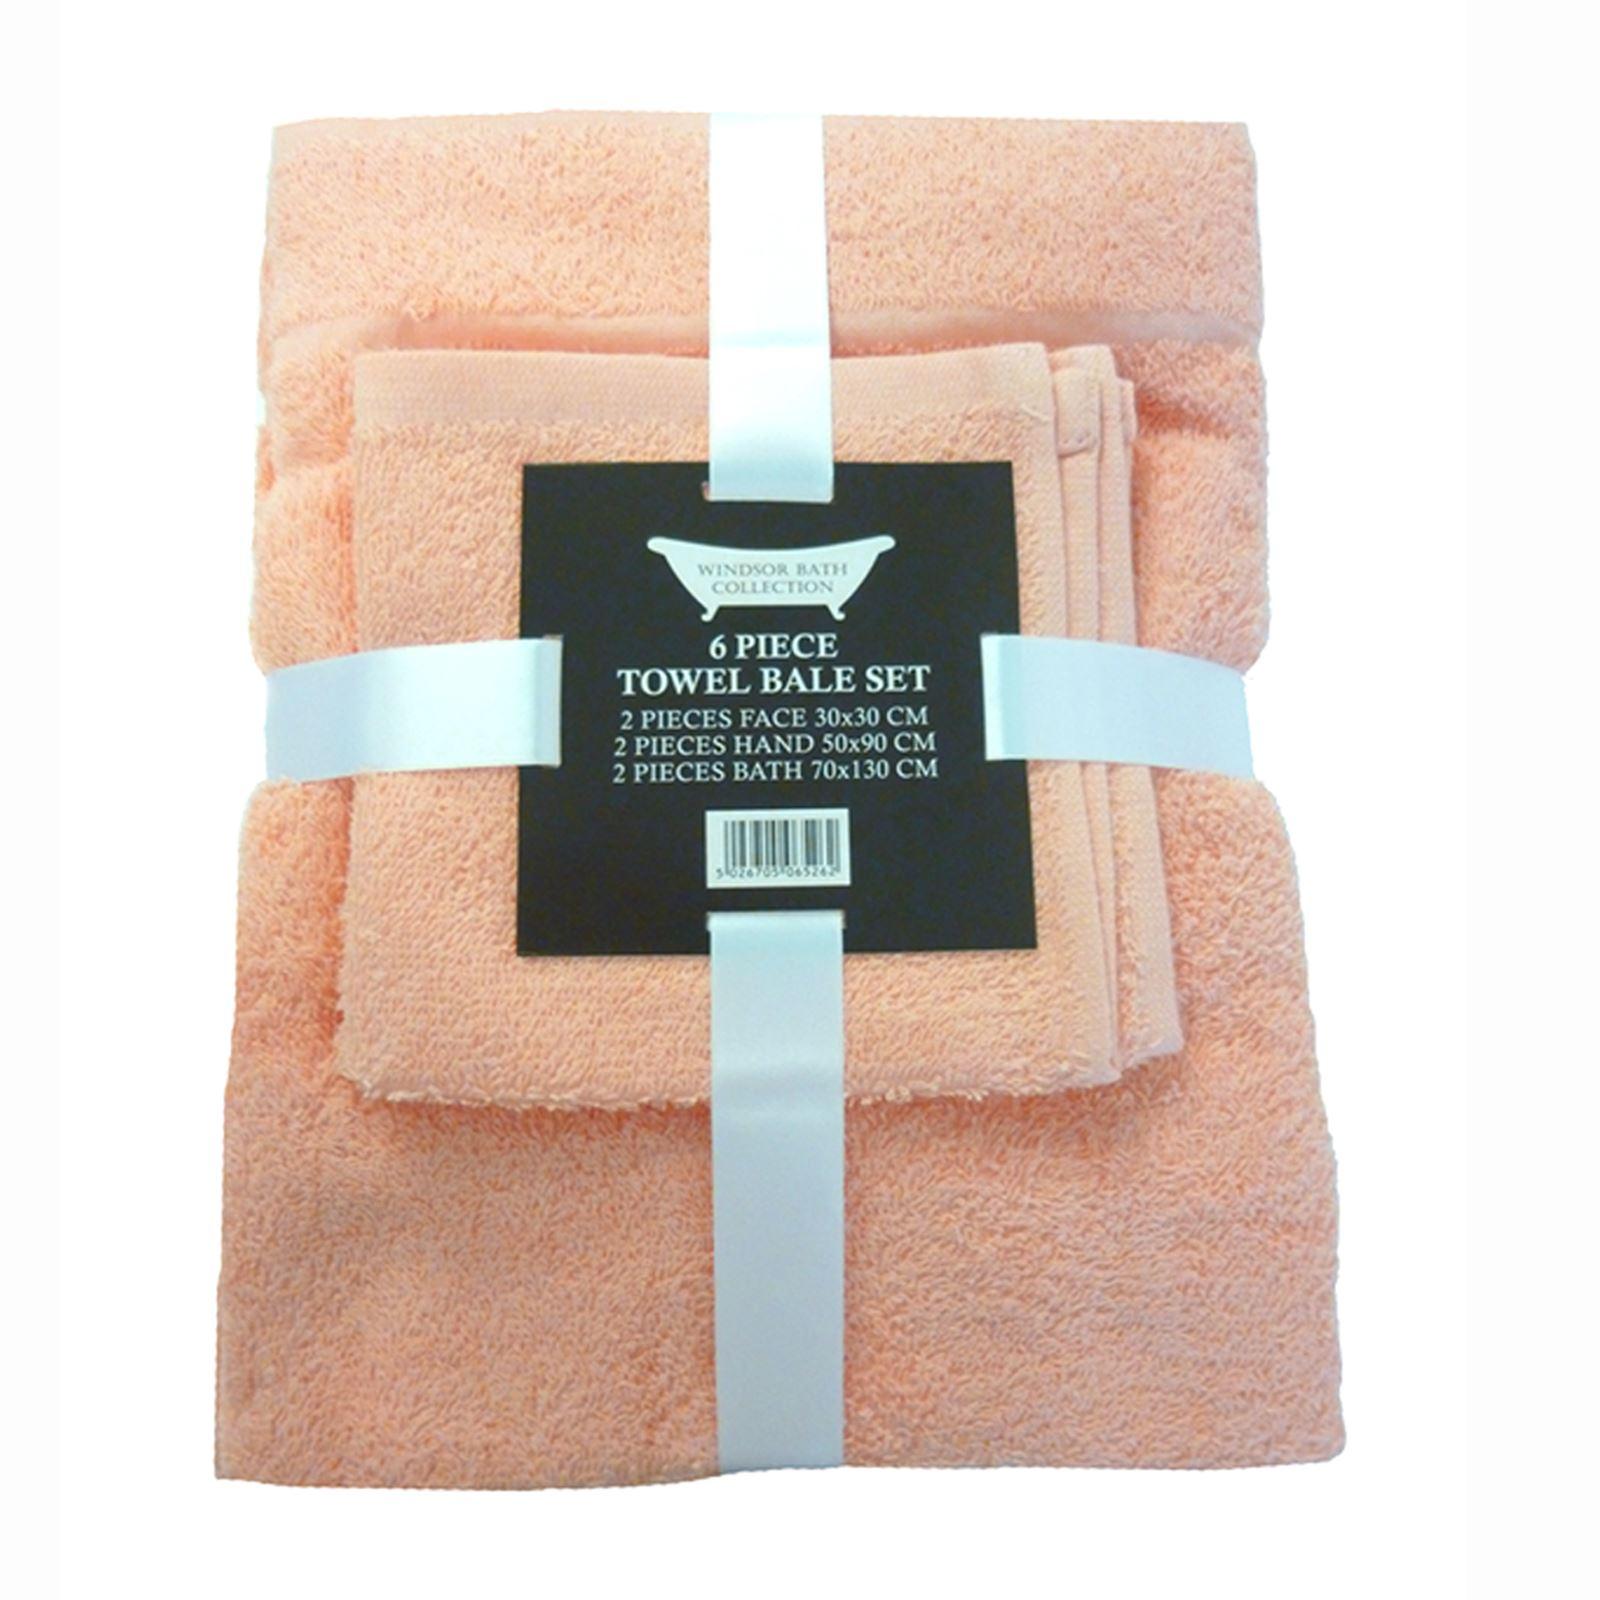 6 Piece 100% Cotton Bath Towel Bale Set - 9 Colours - Bathroom - New